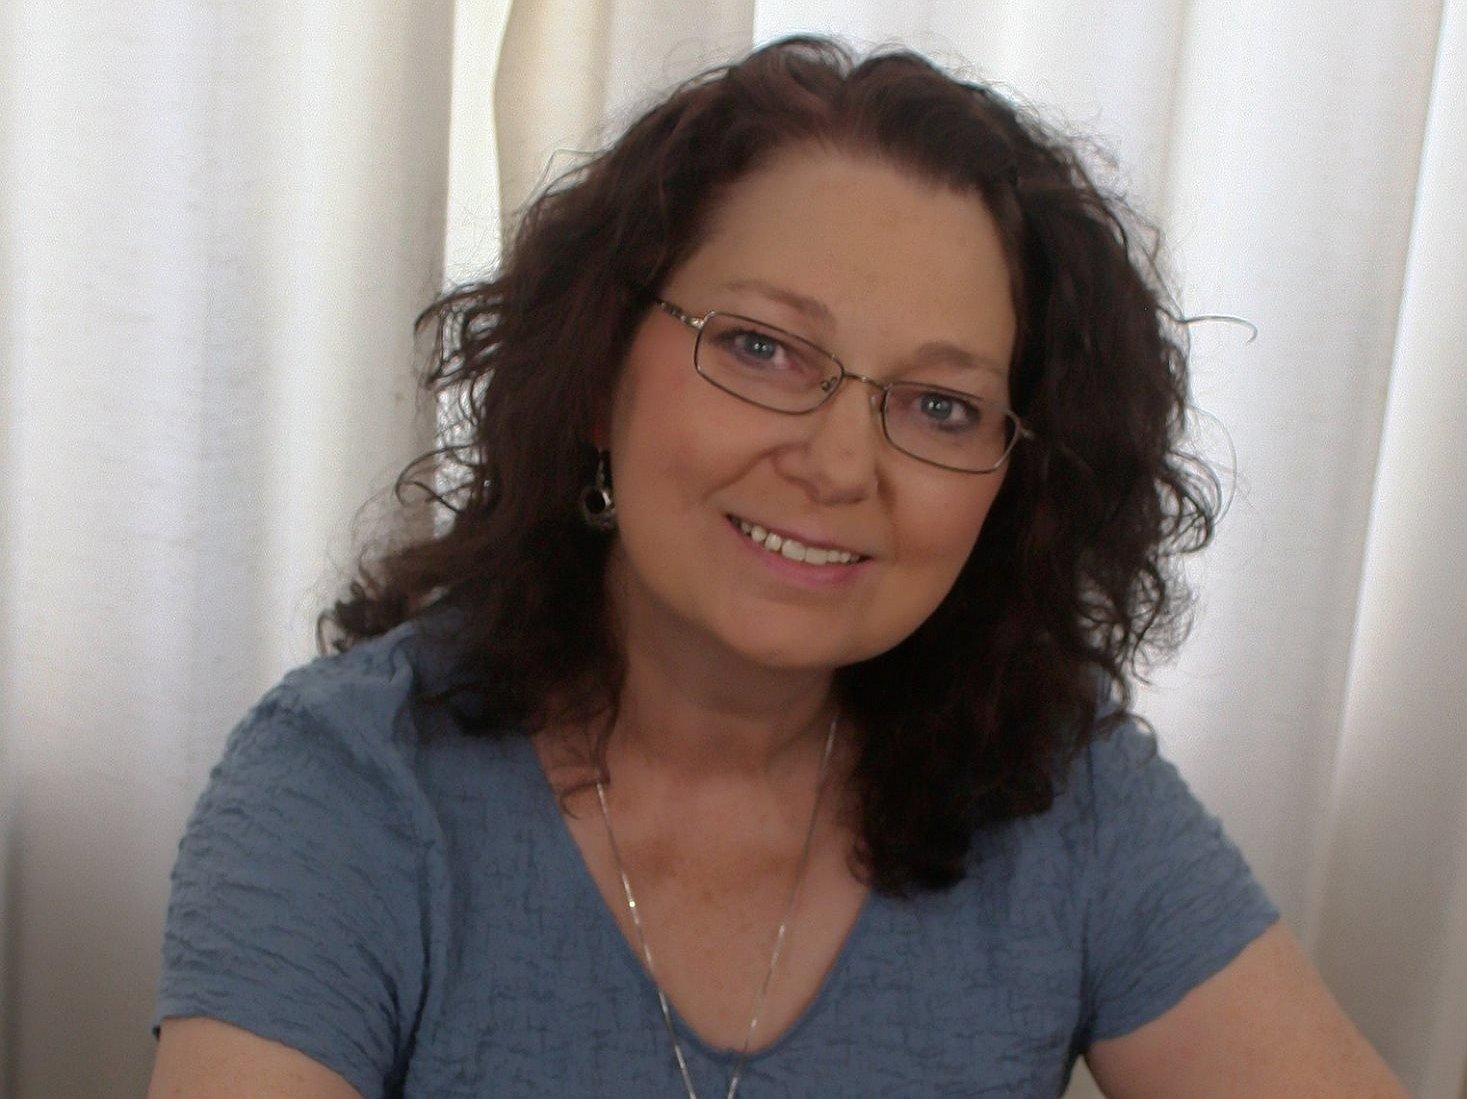 Janice Meagley